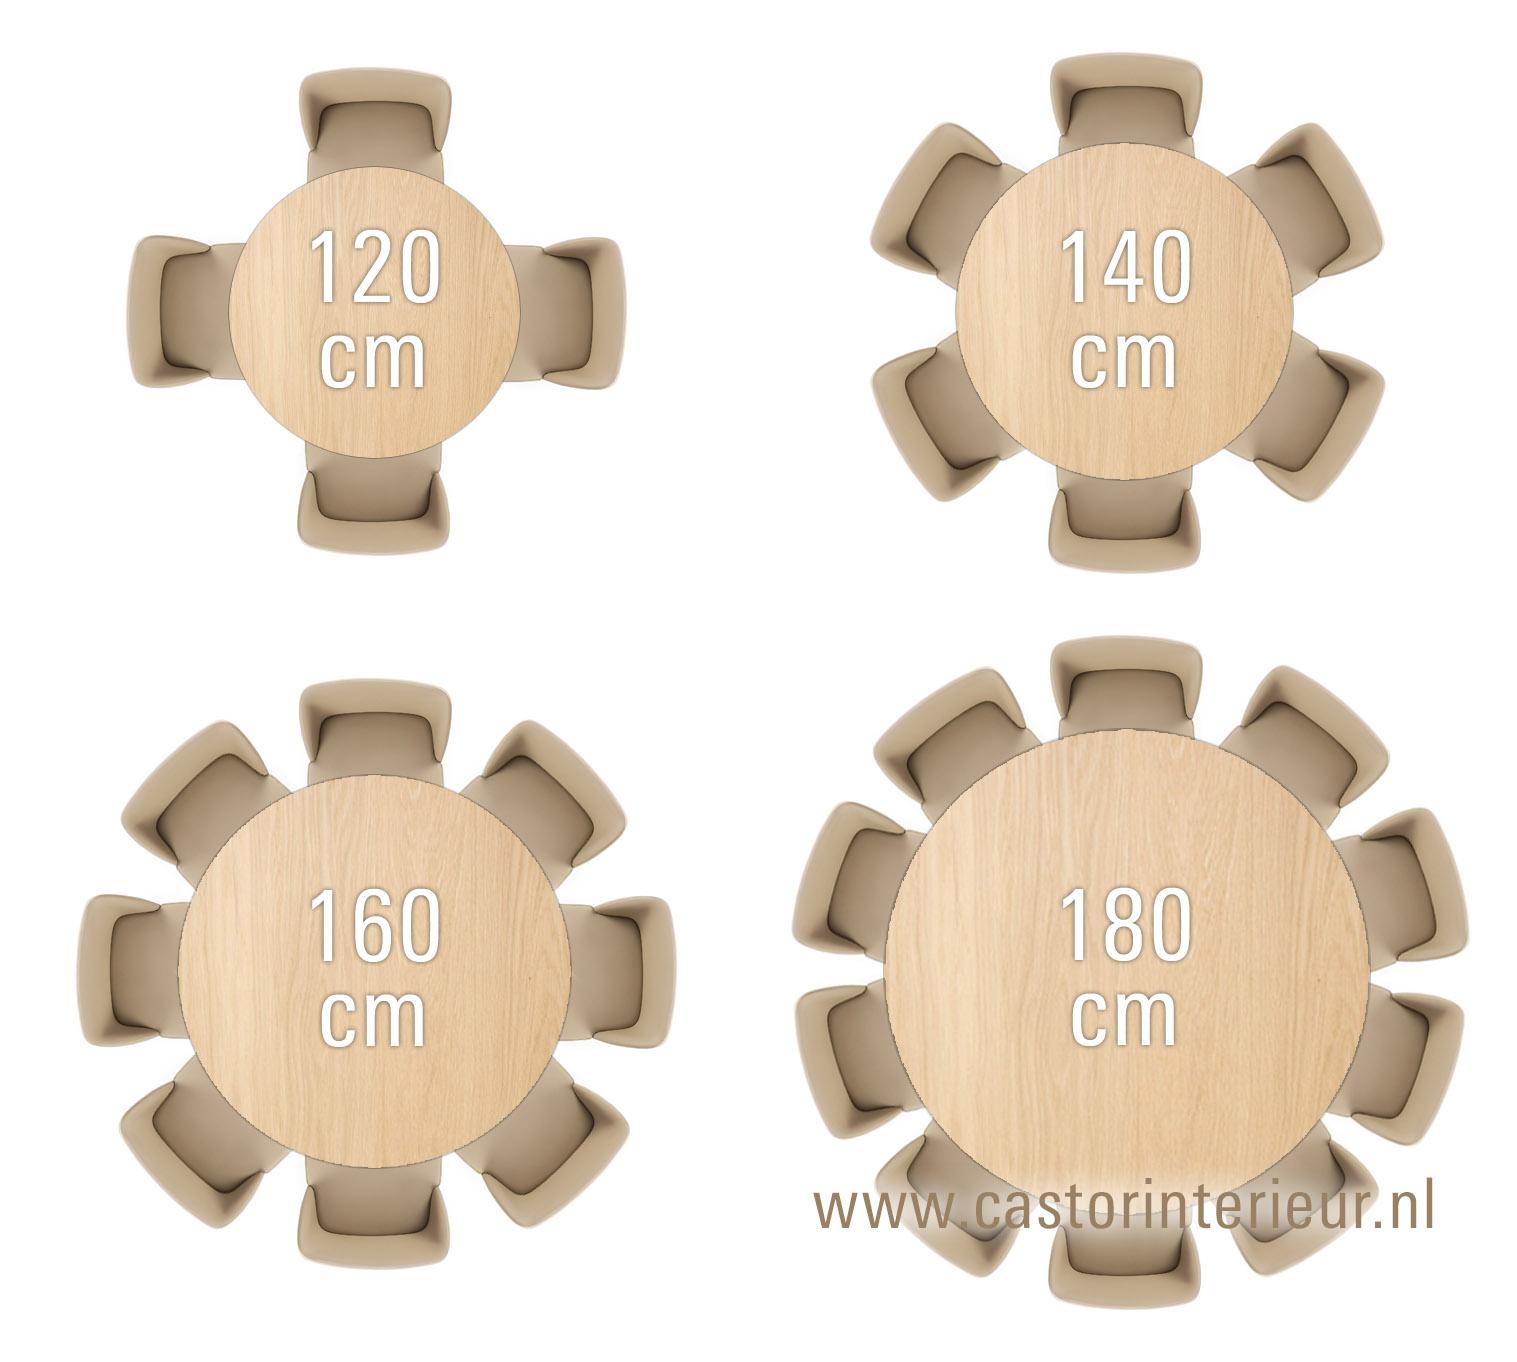 Diameter Ronde Tafel 8 Personen.Hoeveel Stoelen Aan Een Ronde Tafel